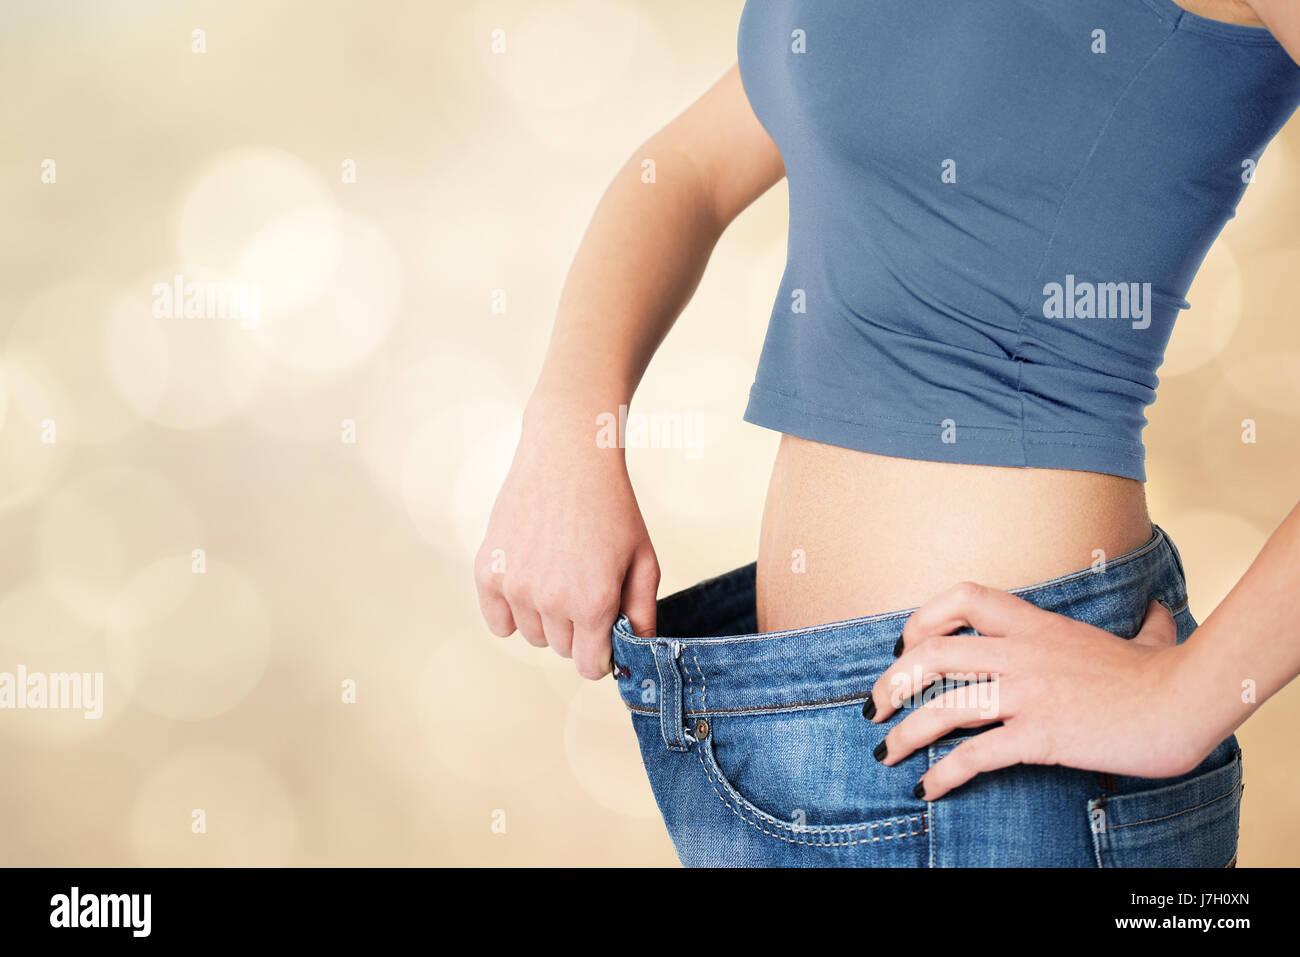 Dünne Frau in große Hose - Gewicht-Verlust-Konzepte Stockbild